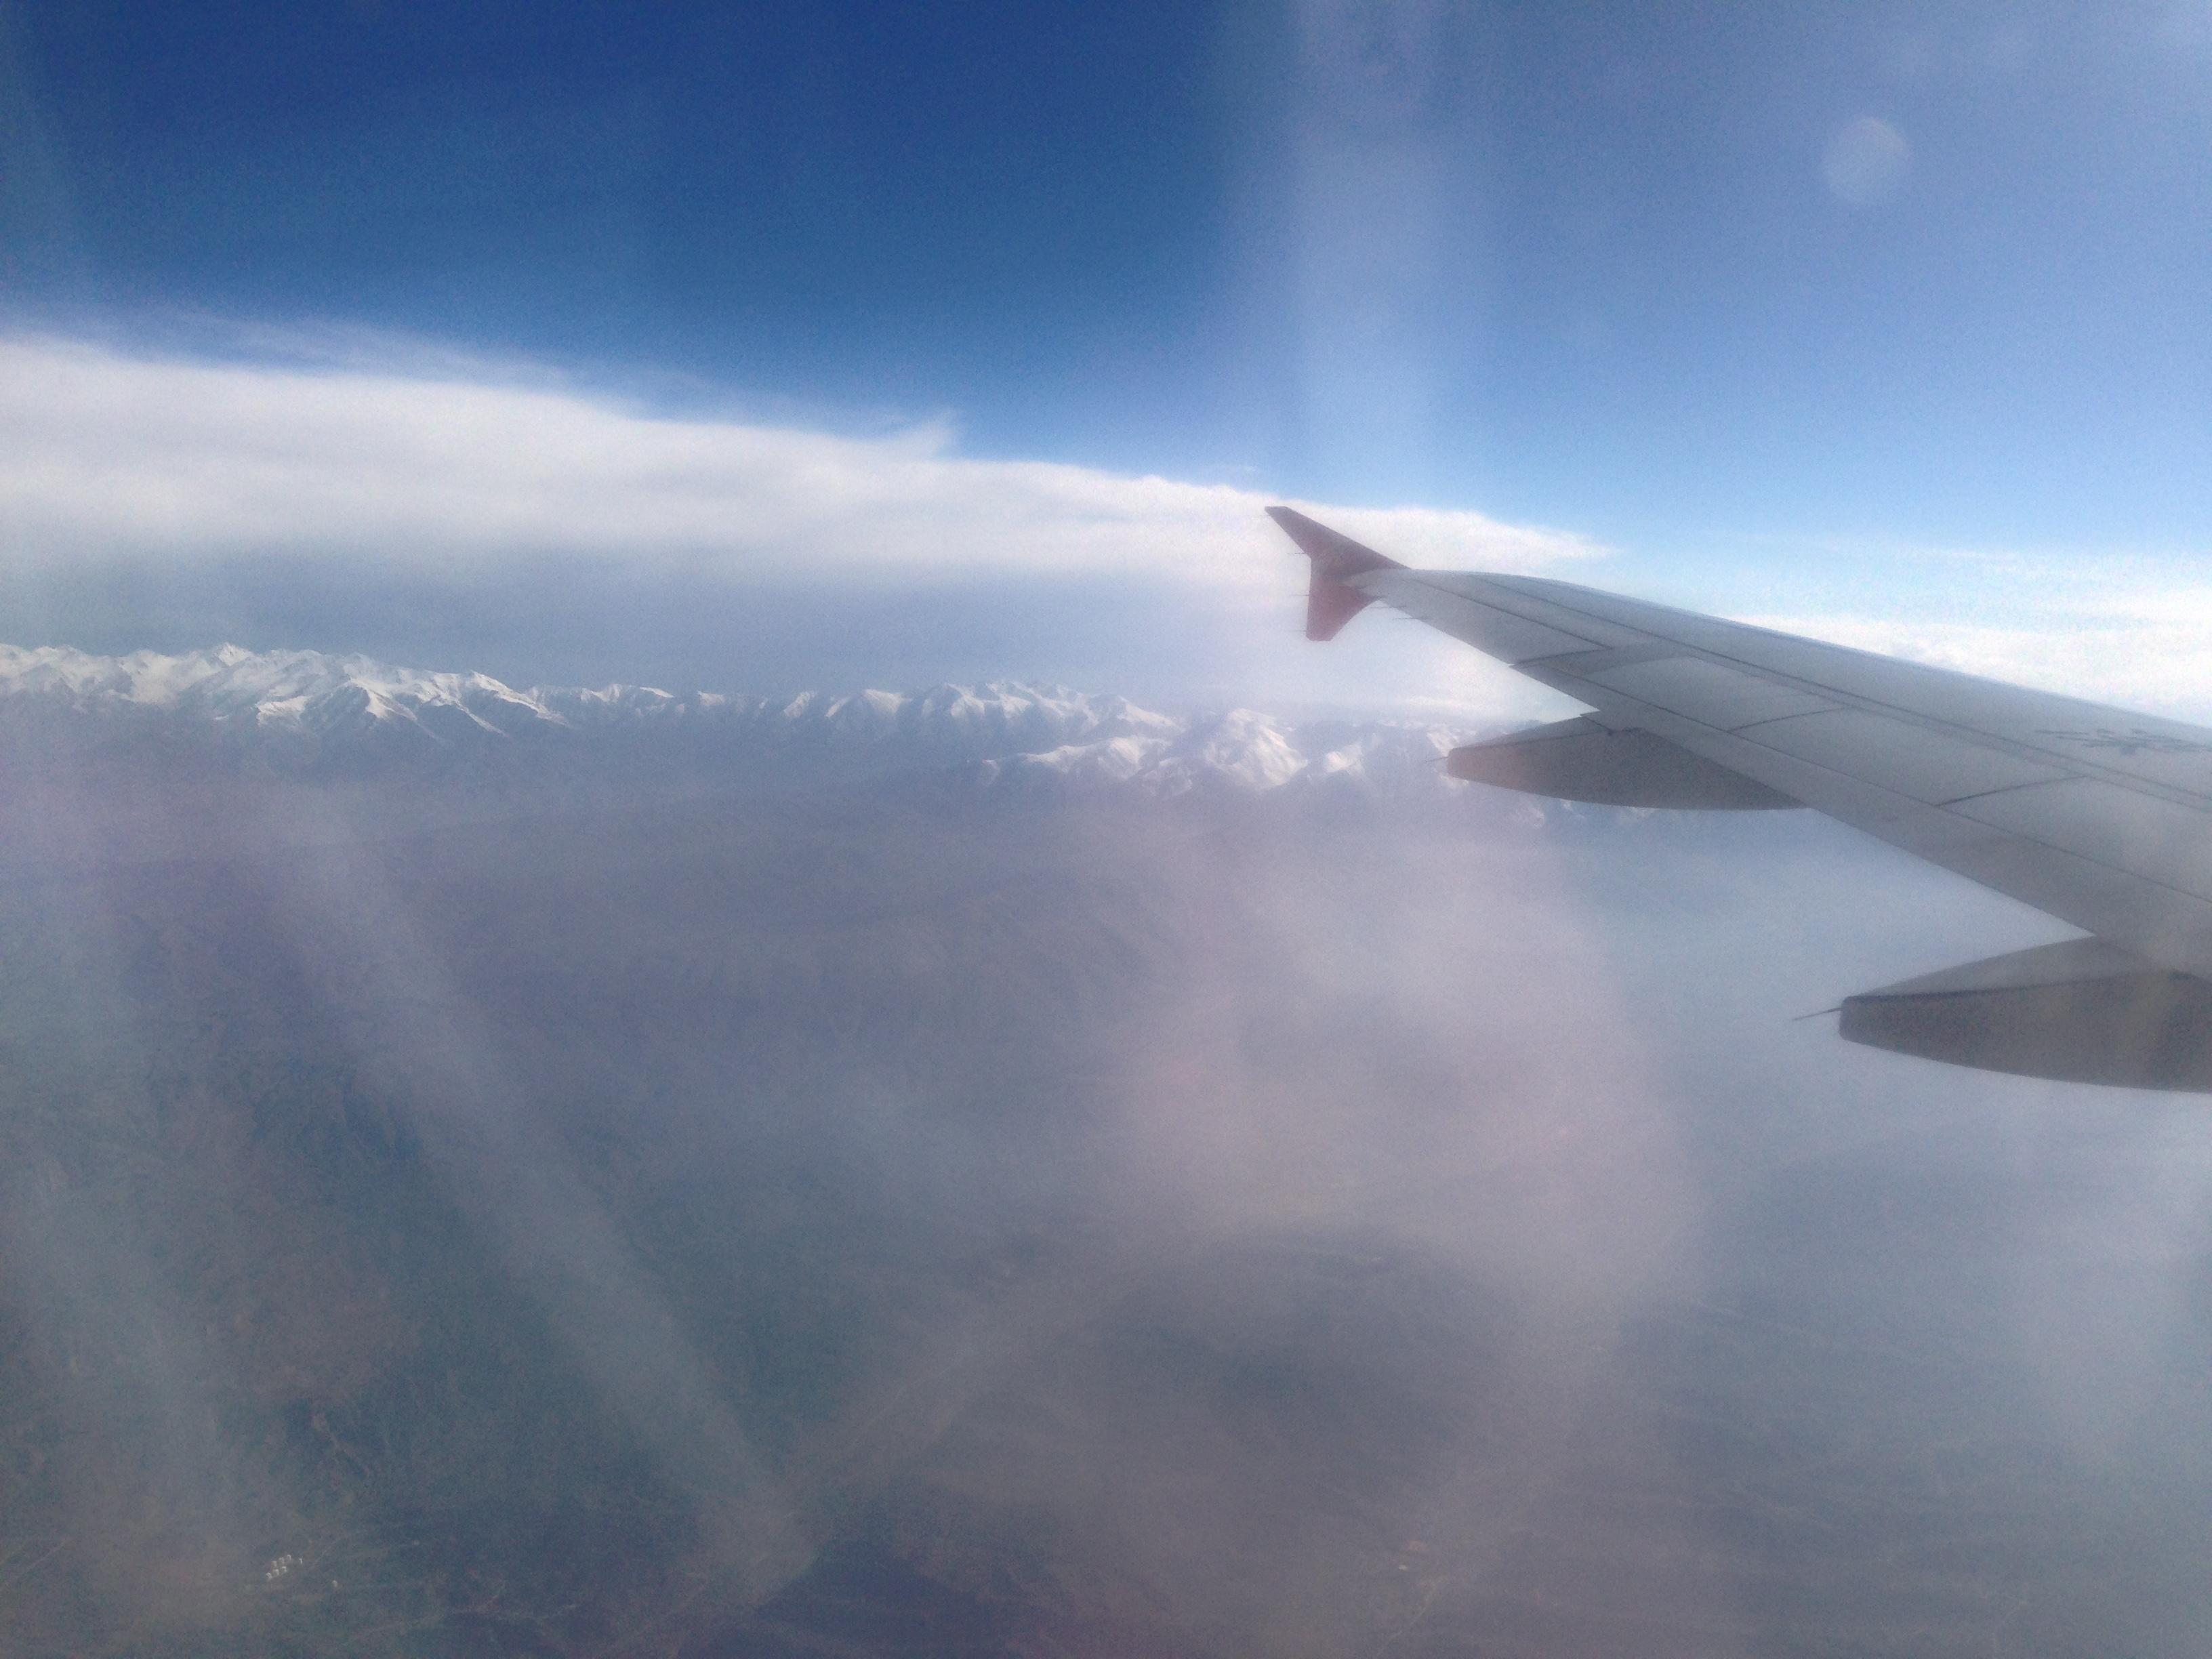 飞机上看到的,关于远方的雪山